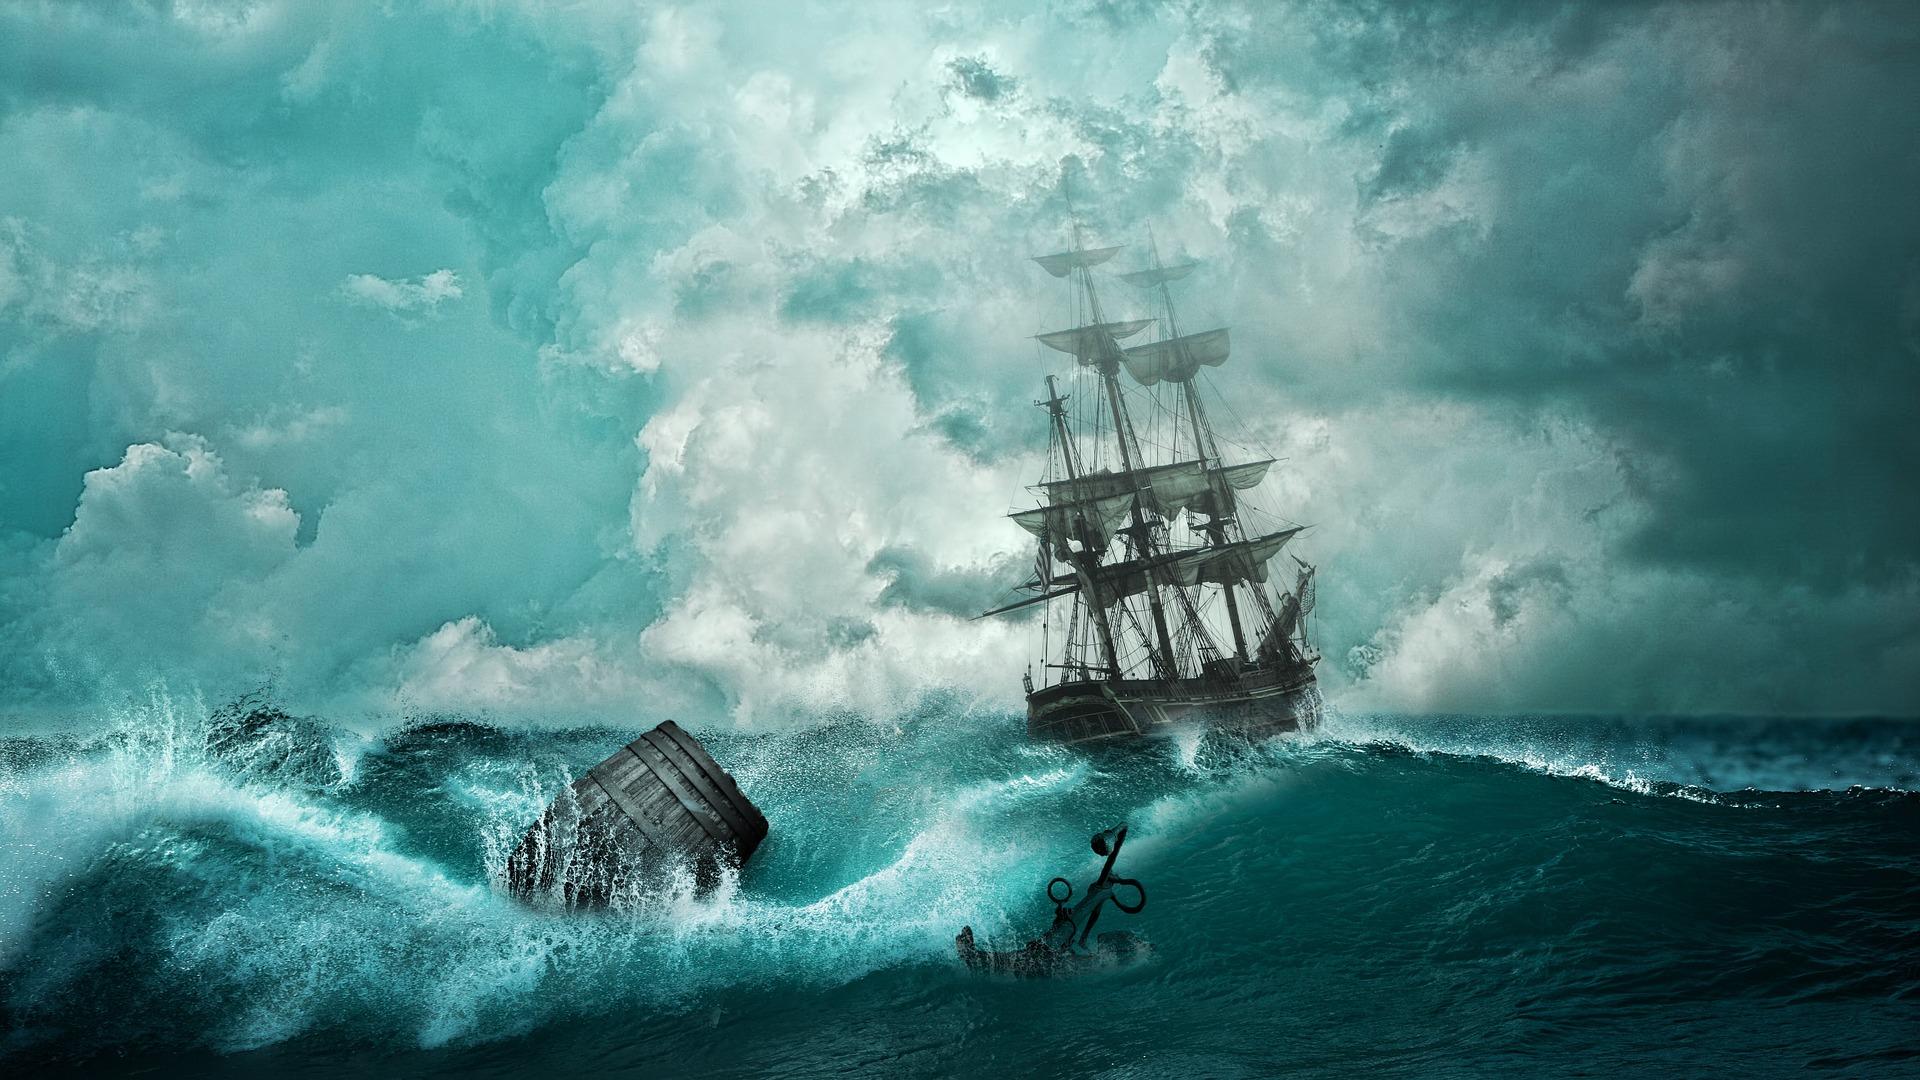 nave, naufragio, barca, Mare, Avventura, Tempest, ancoraggio - Sfondi HD - Professor-falken.com